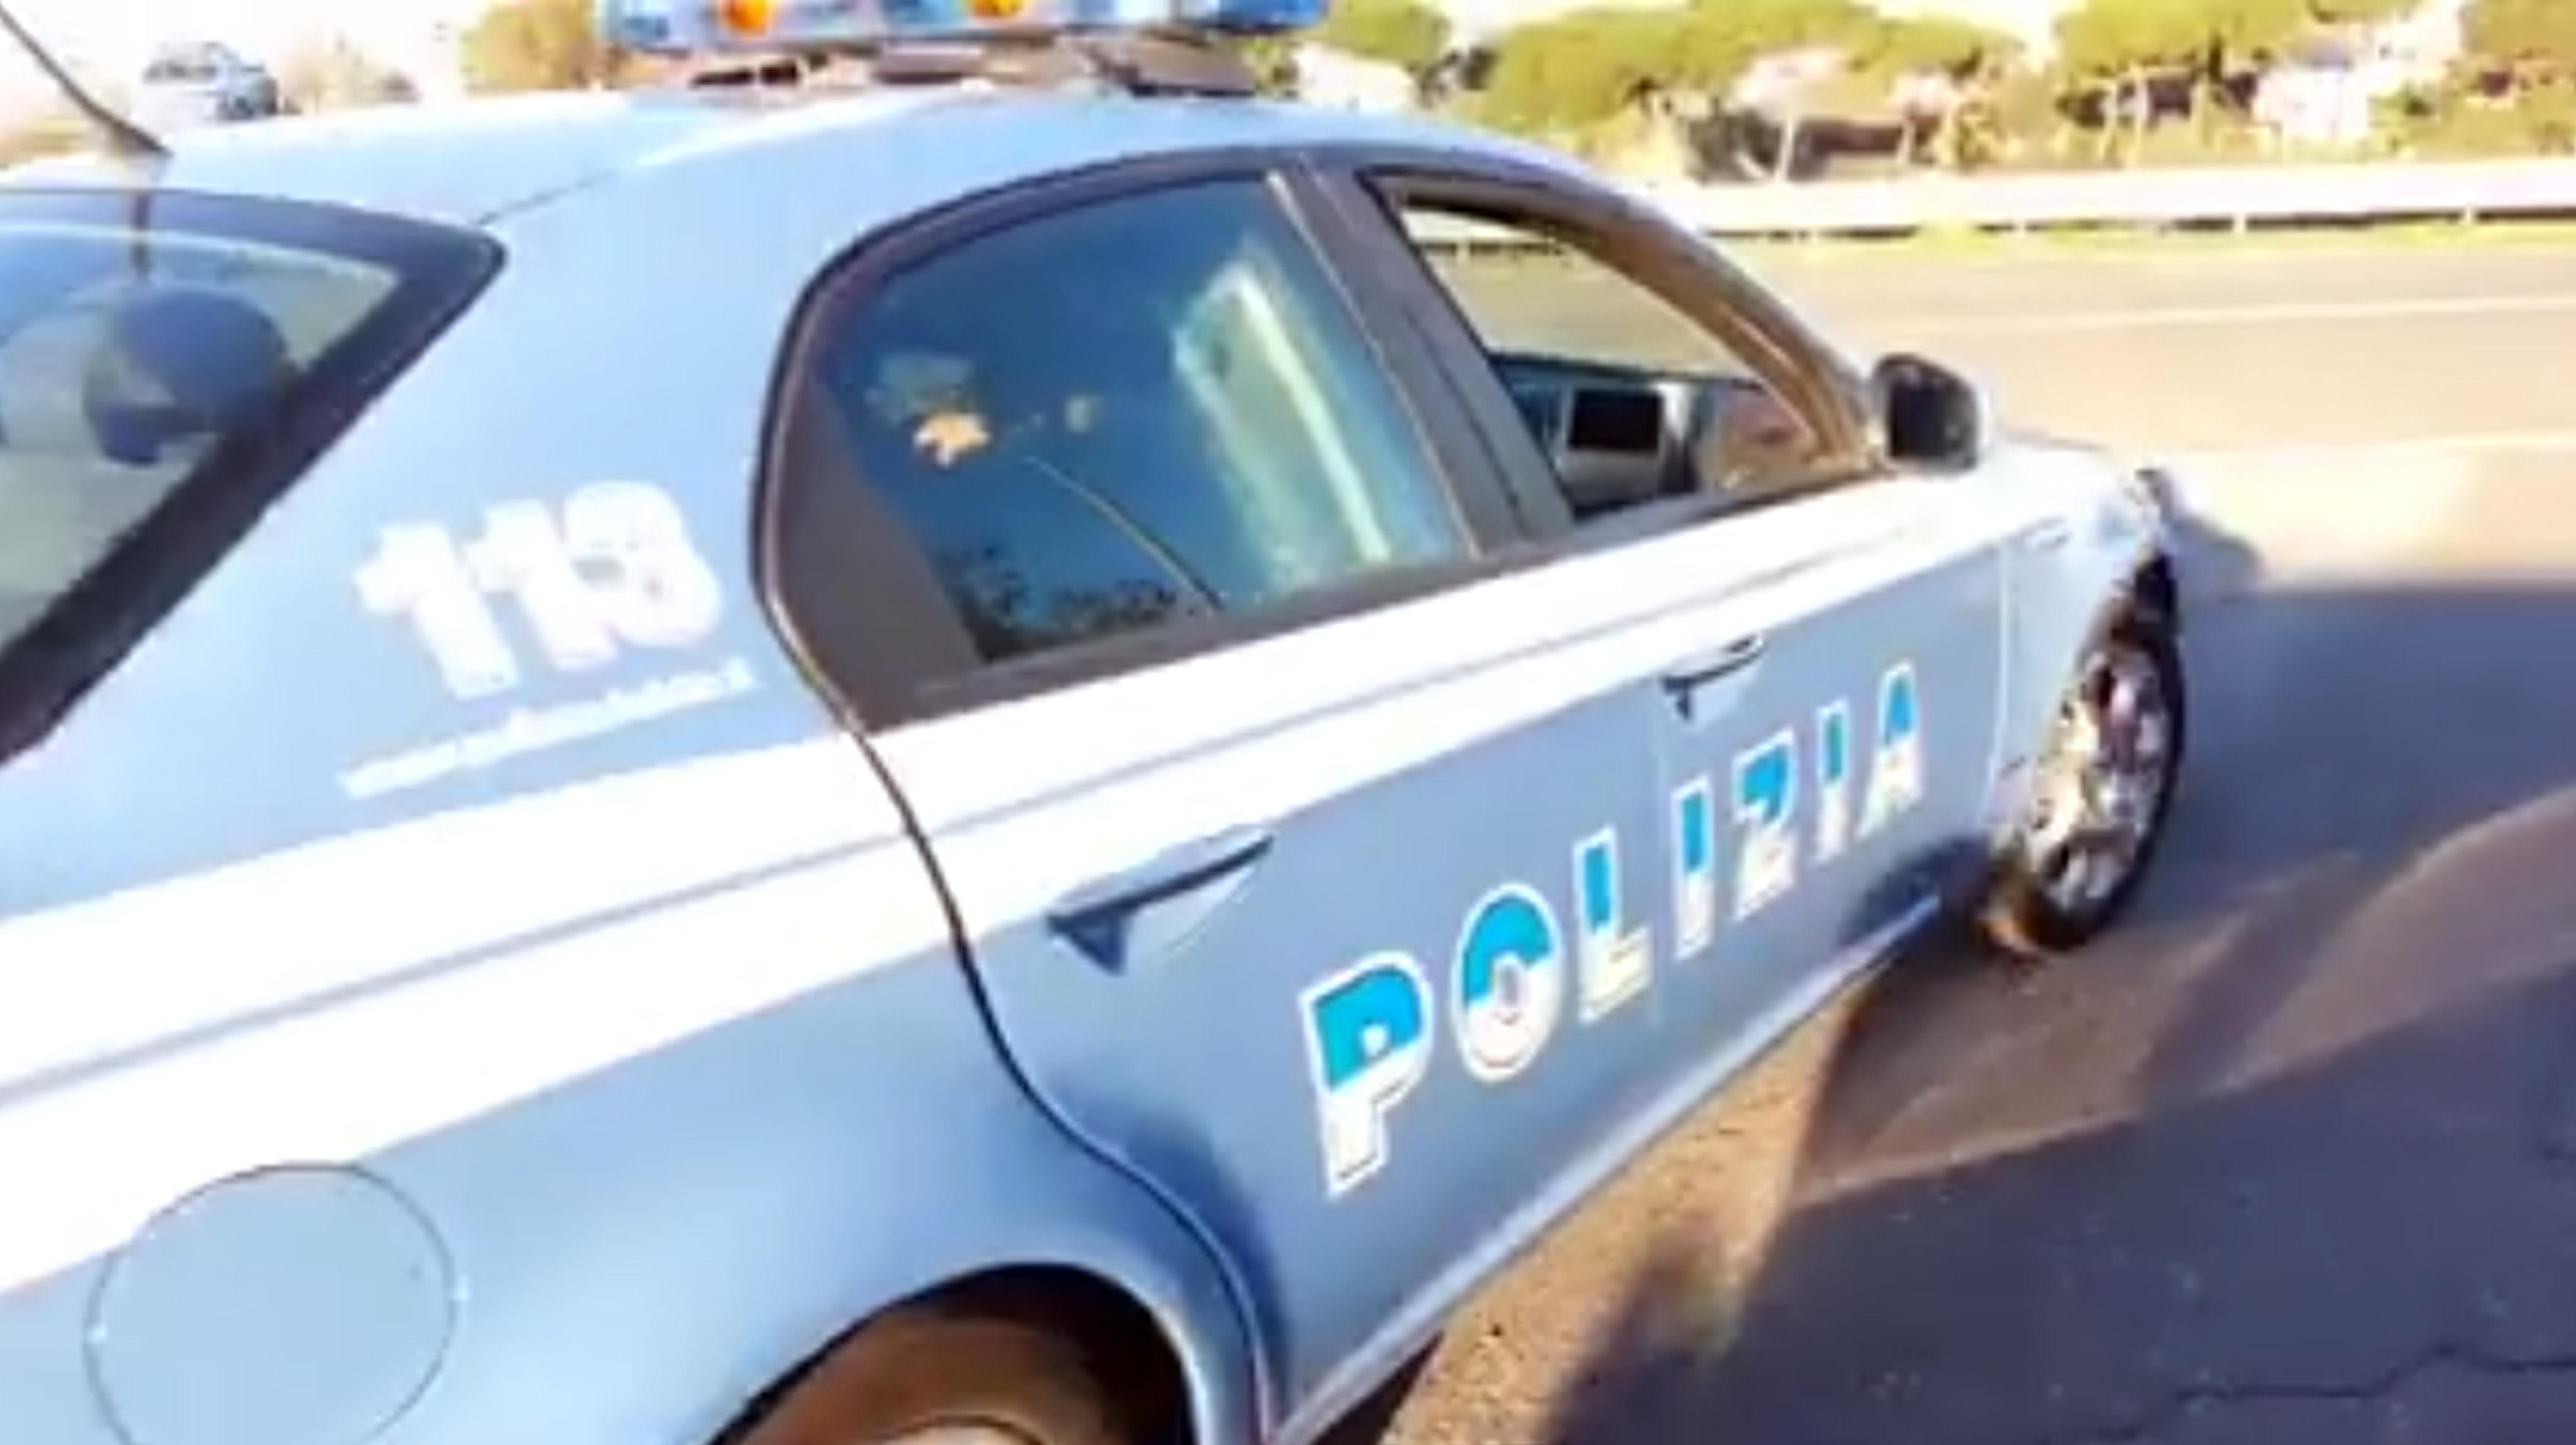 Poliziotti entrano nel campo rom alla ricerca di ladri ma vengono accerchiati e aggrediti